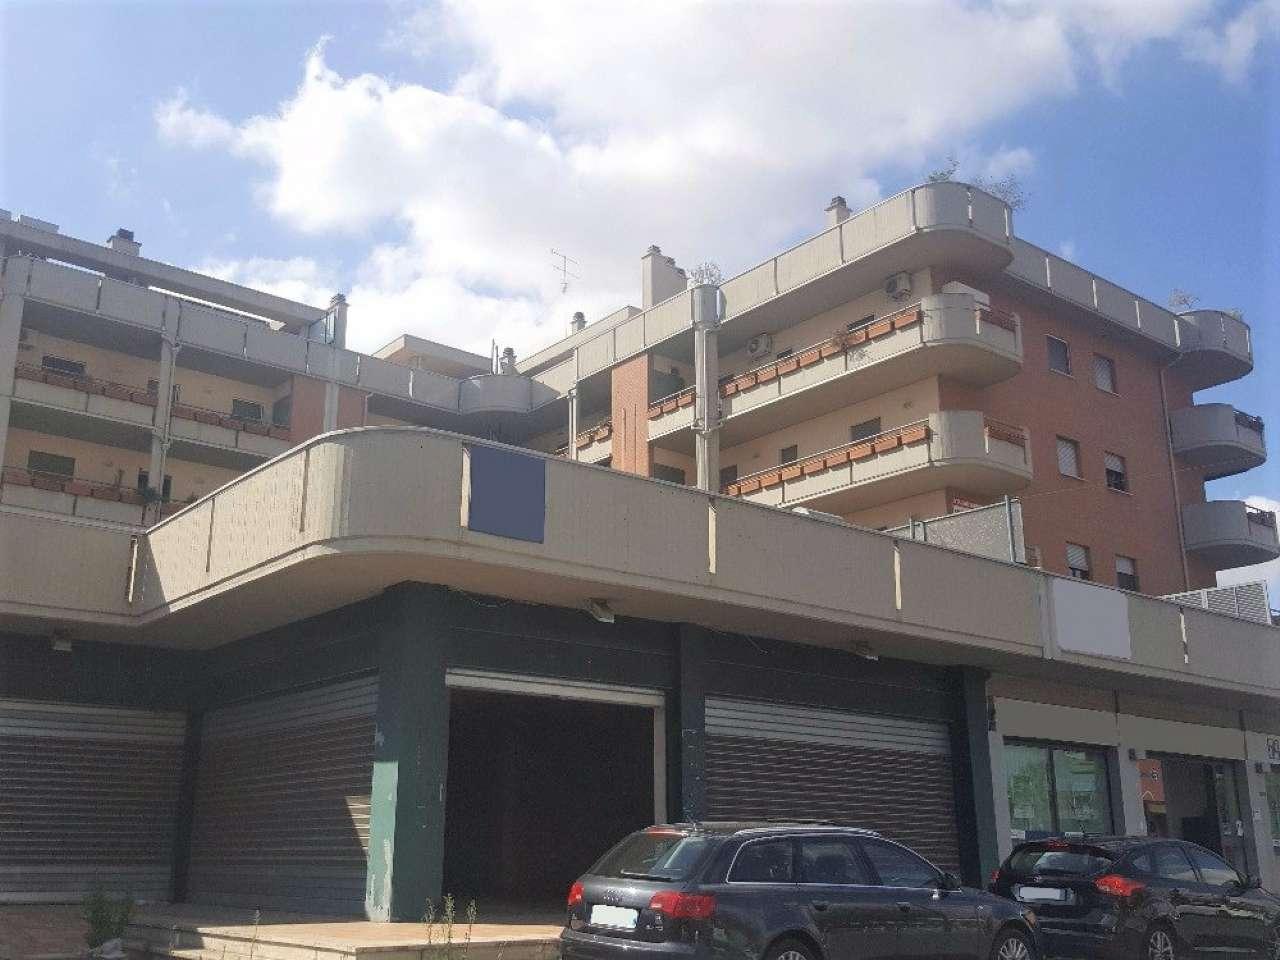 Negozio / Locale in vendita a Monterotondo, 5 locali, prezzo € 1.700.000 | CambioCasa.it